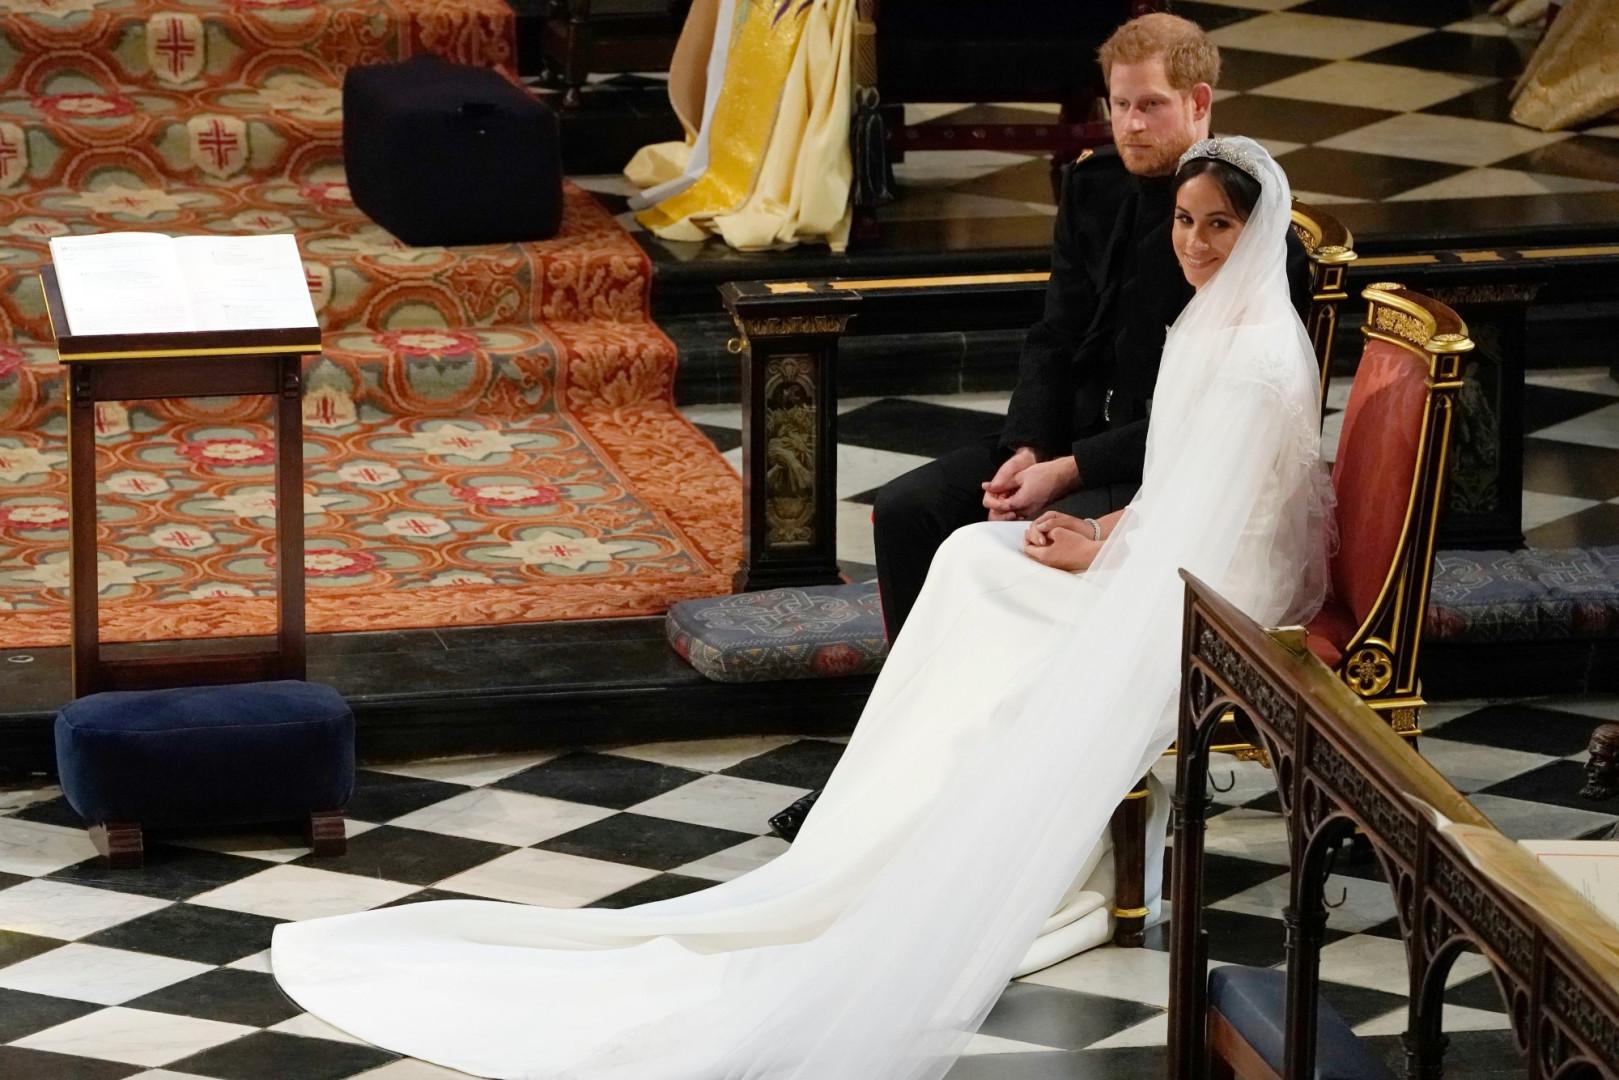 """Meghan et Harry écoutent """"Stay be me"""", chanté par une chorale dans la chapelle"""